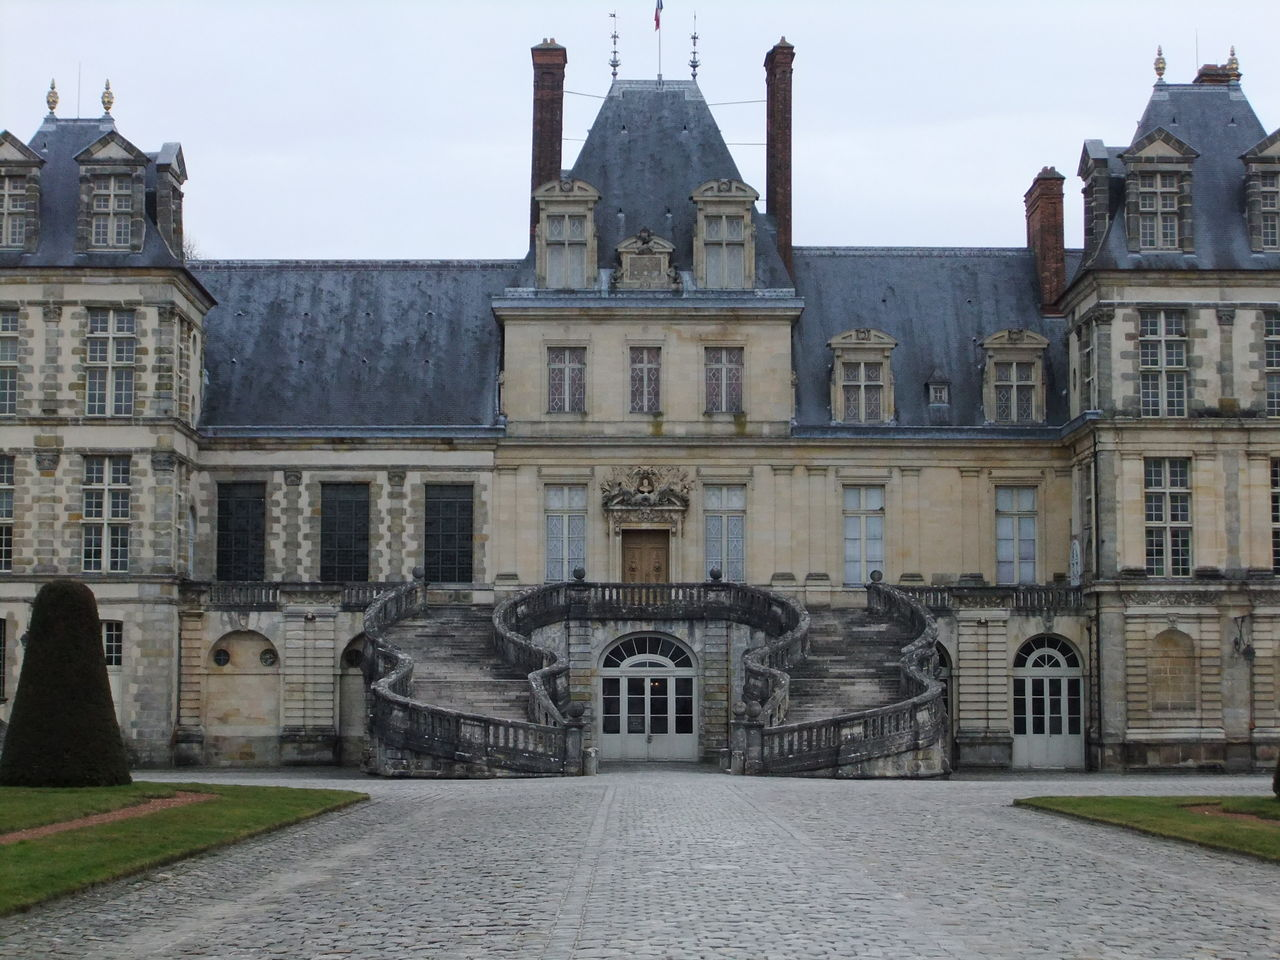 フォンテーヌブロー宮殿の画像 p1_36